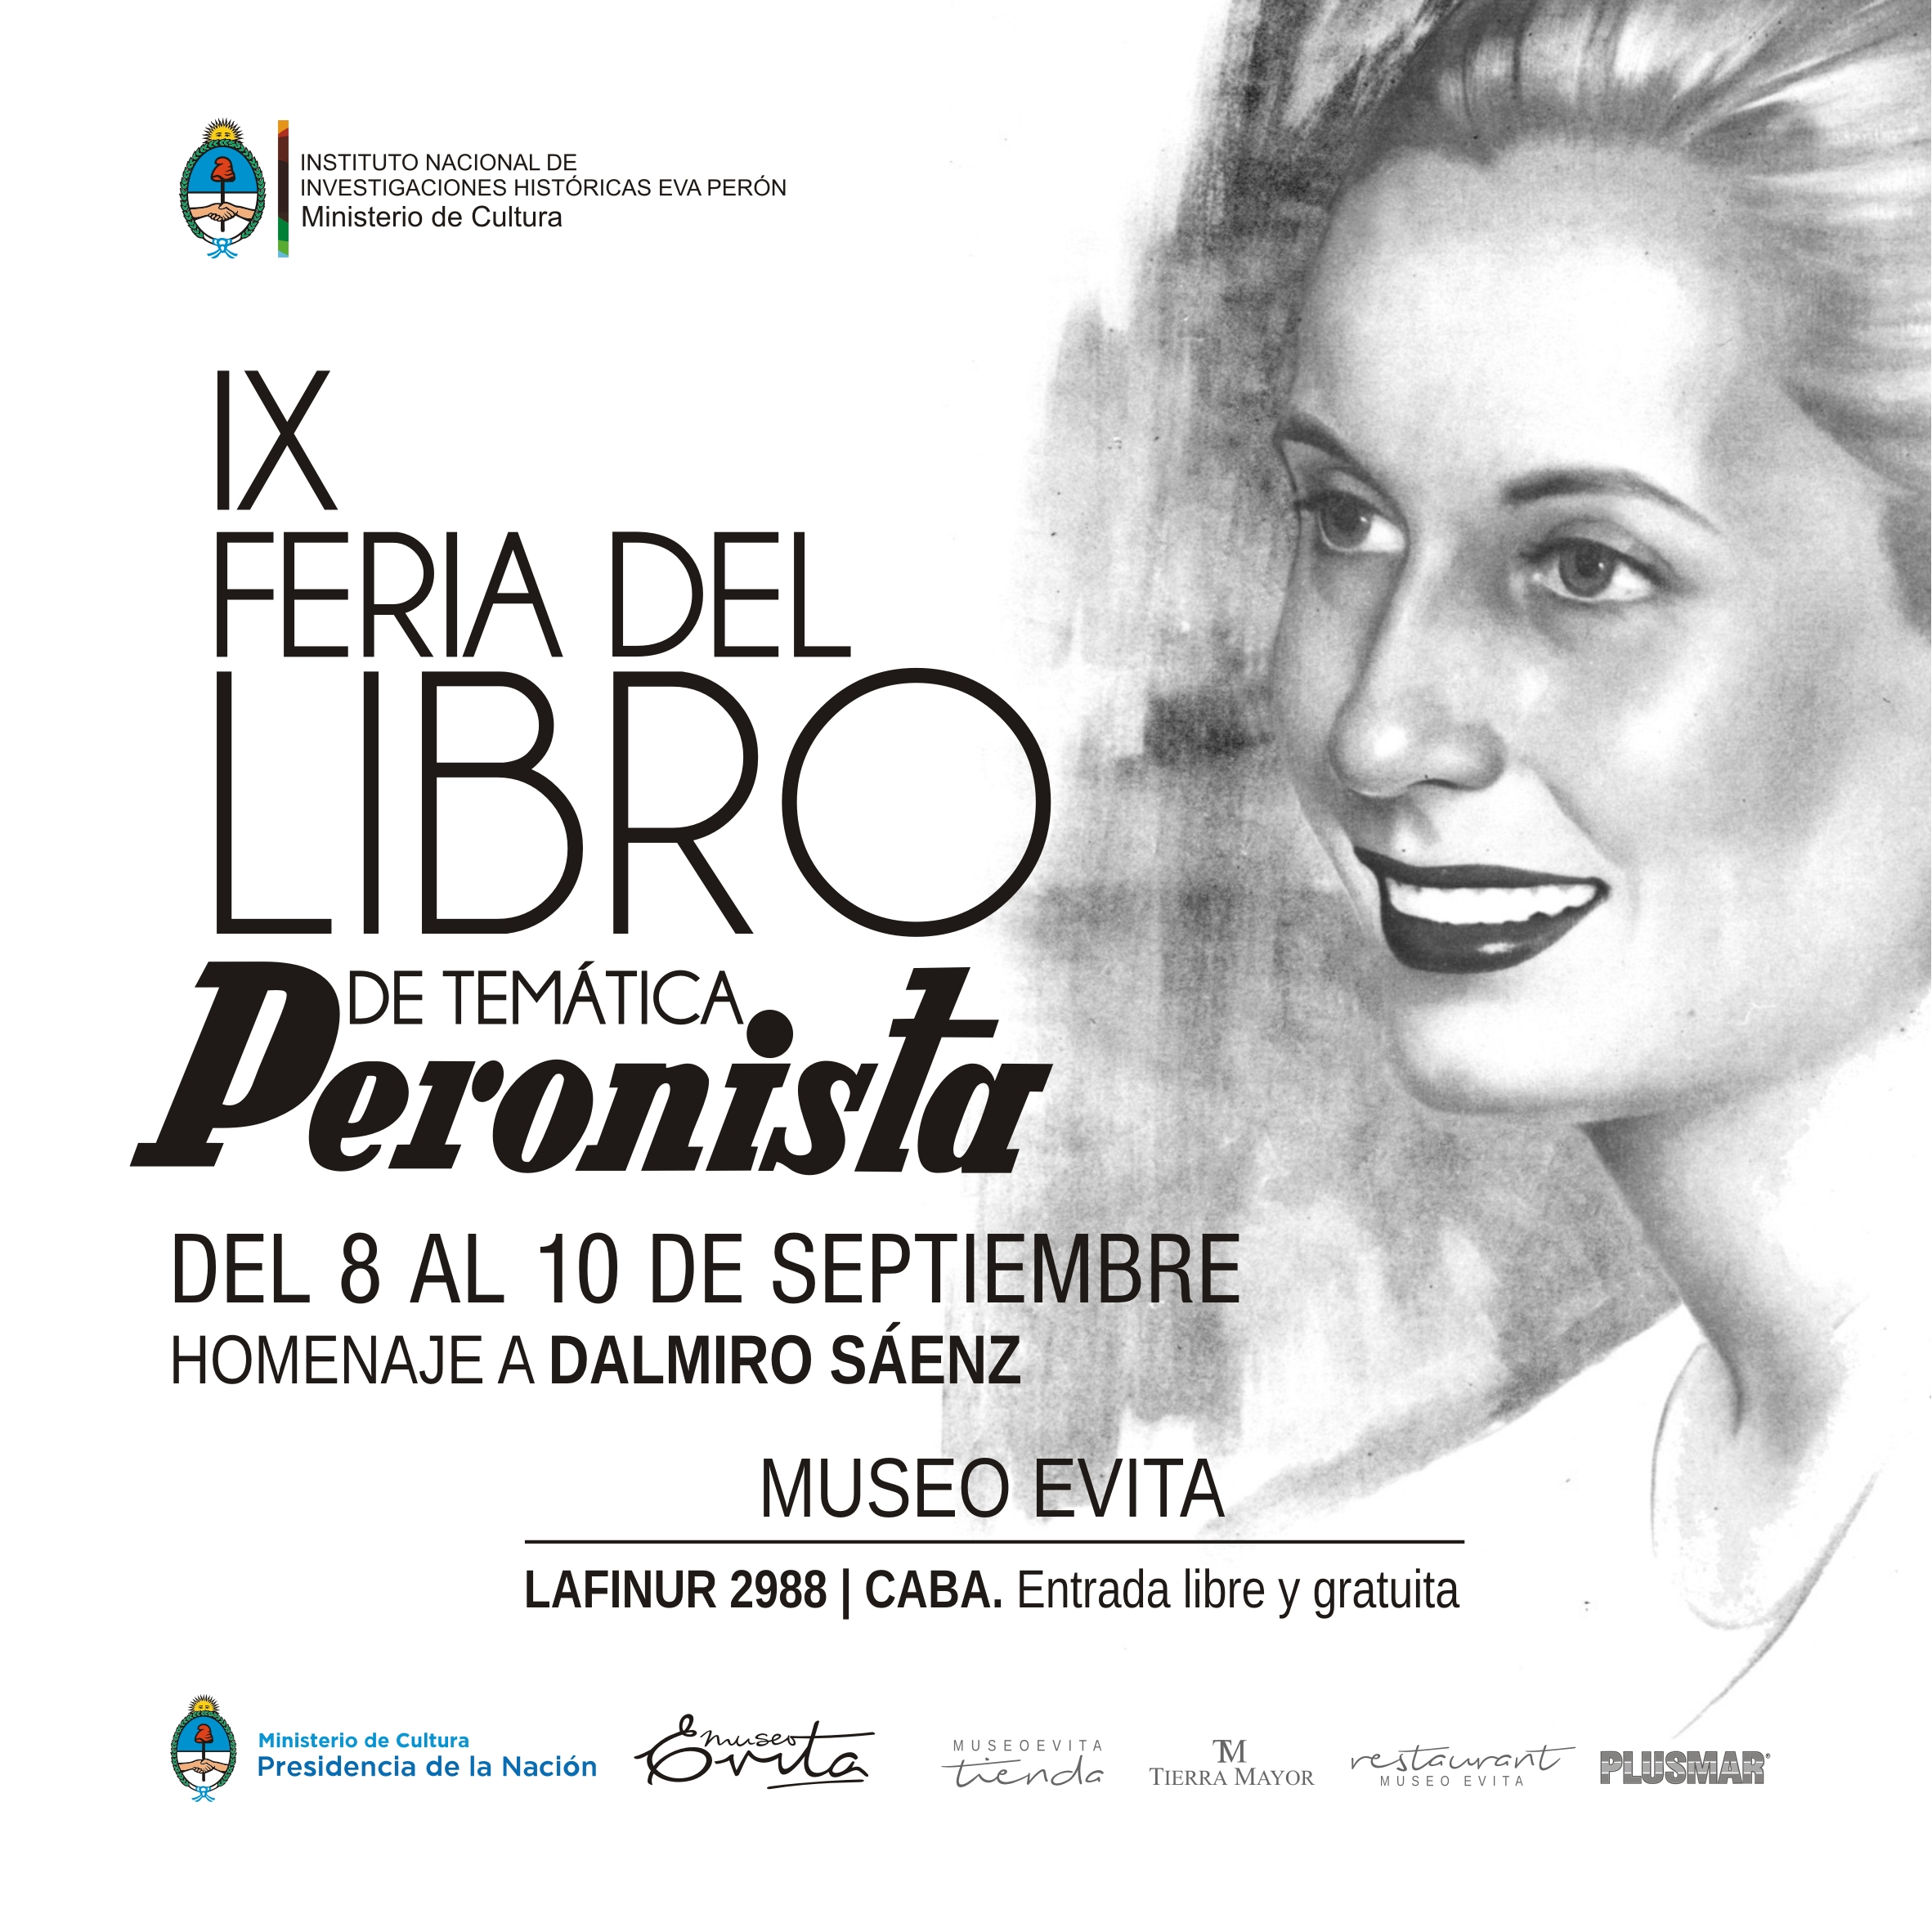 IX Feria del Libro de Temática Peronista